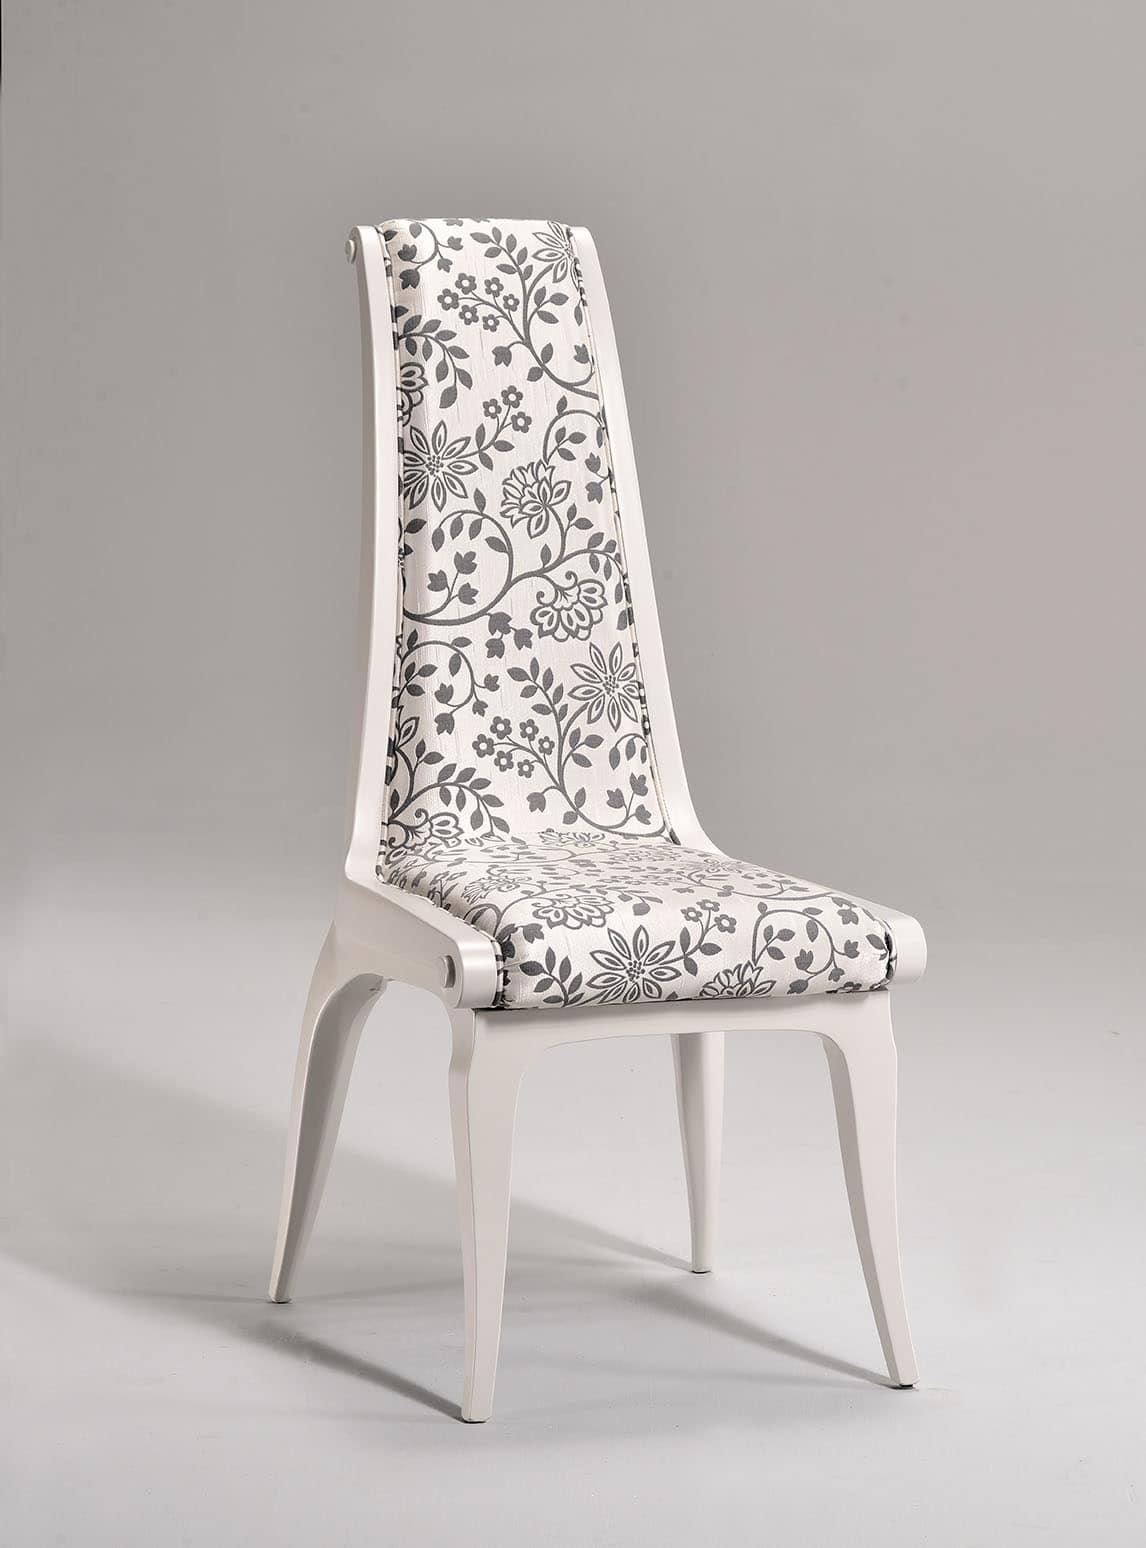 AFRODITE sedia 8291S, Sedia in stile classico, seduta e schienale imbottiti